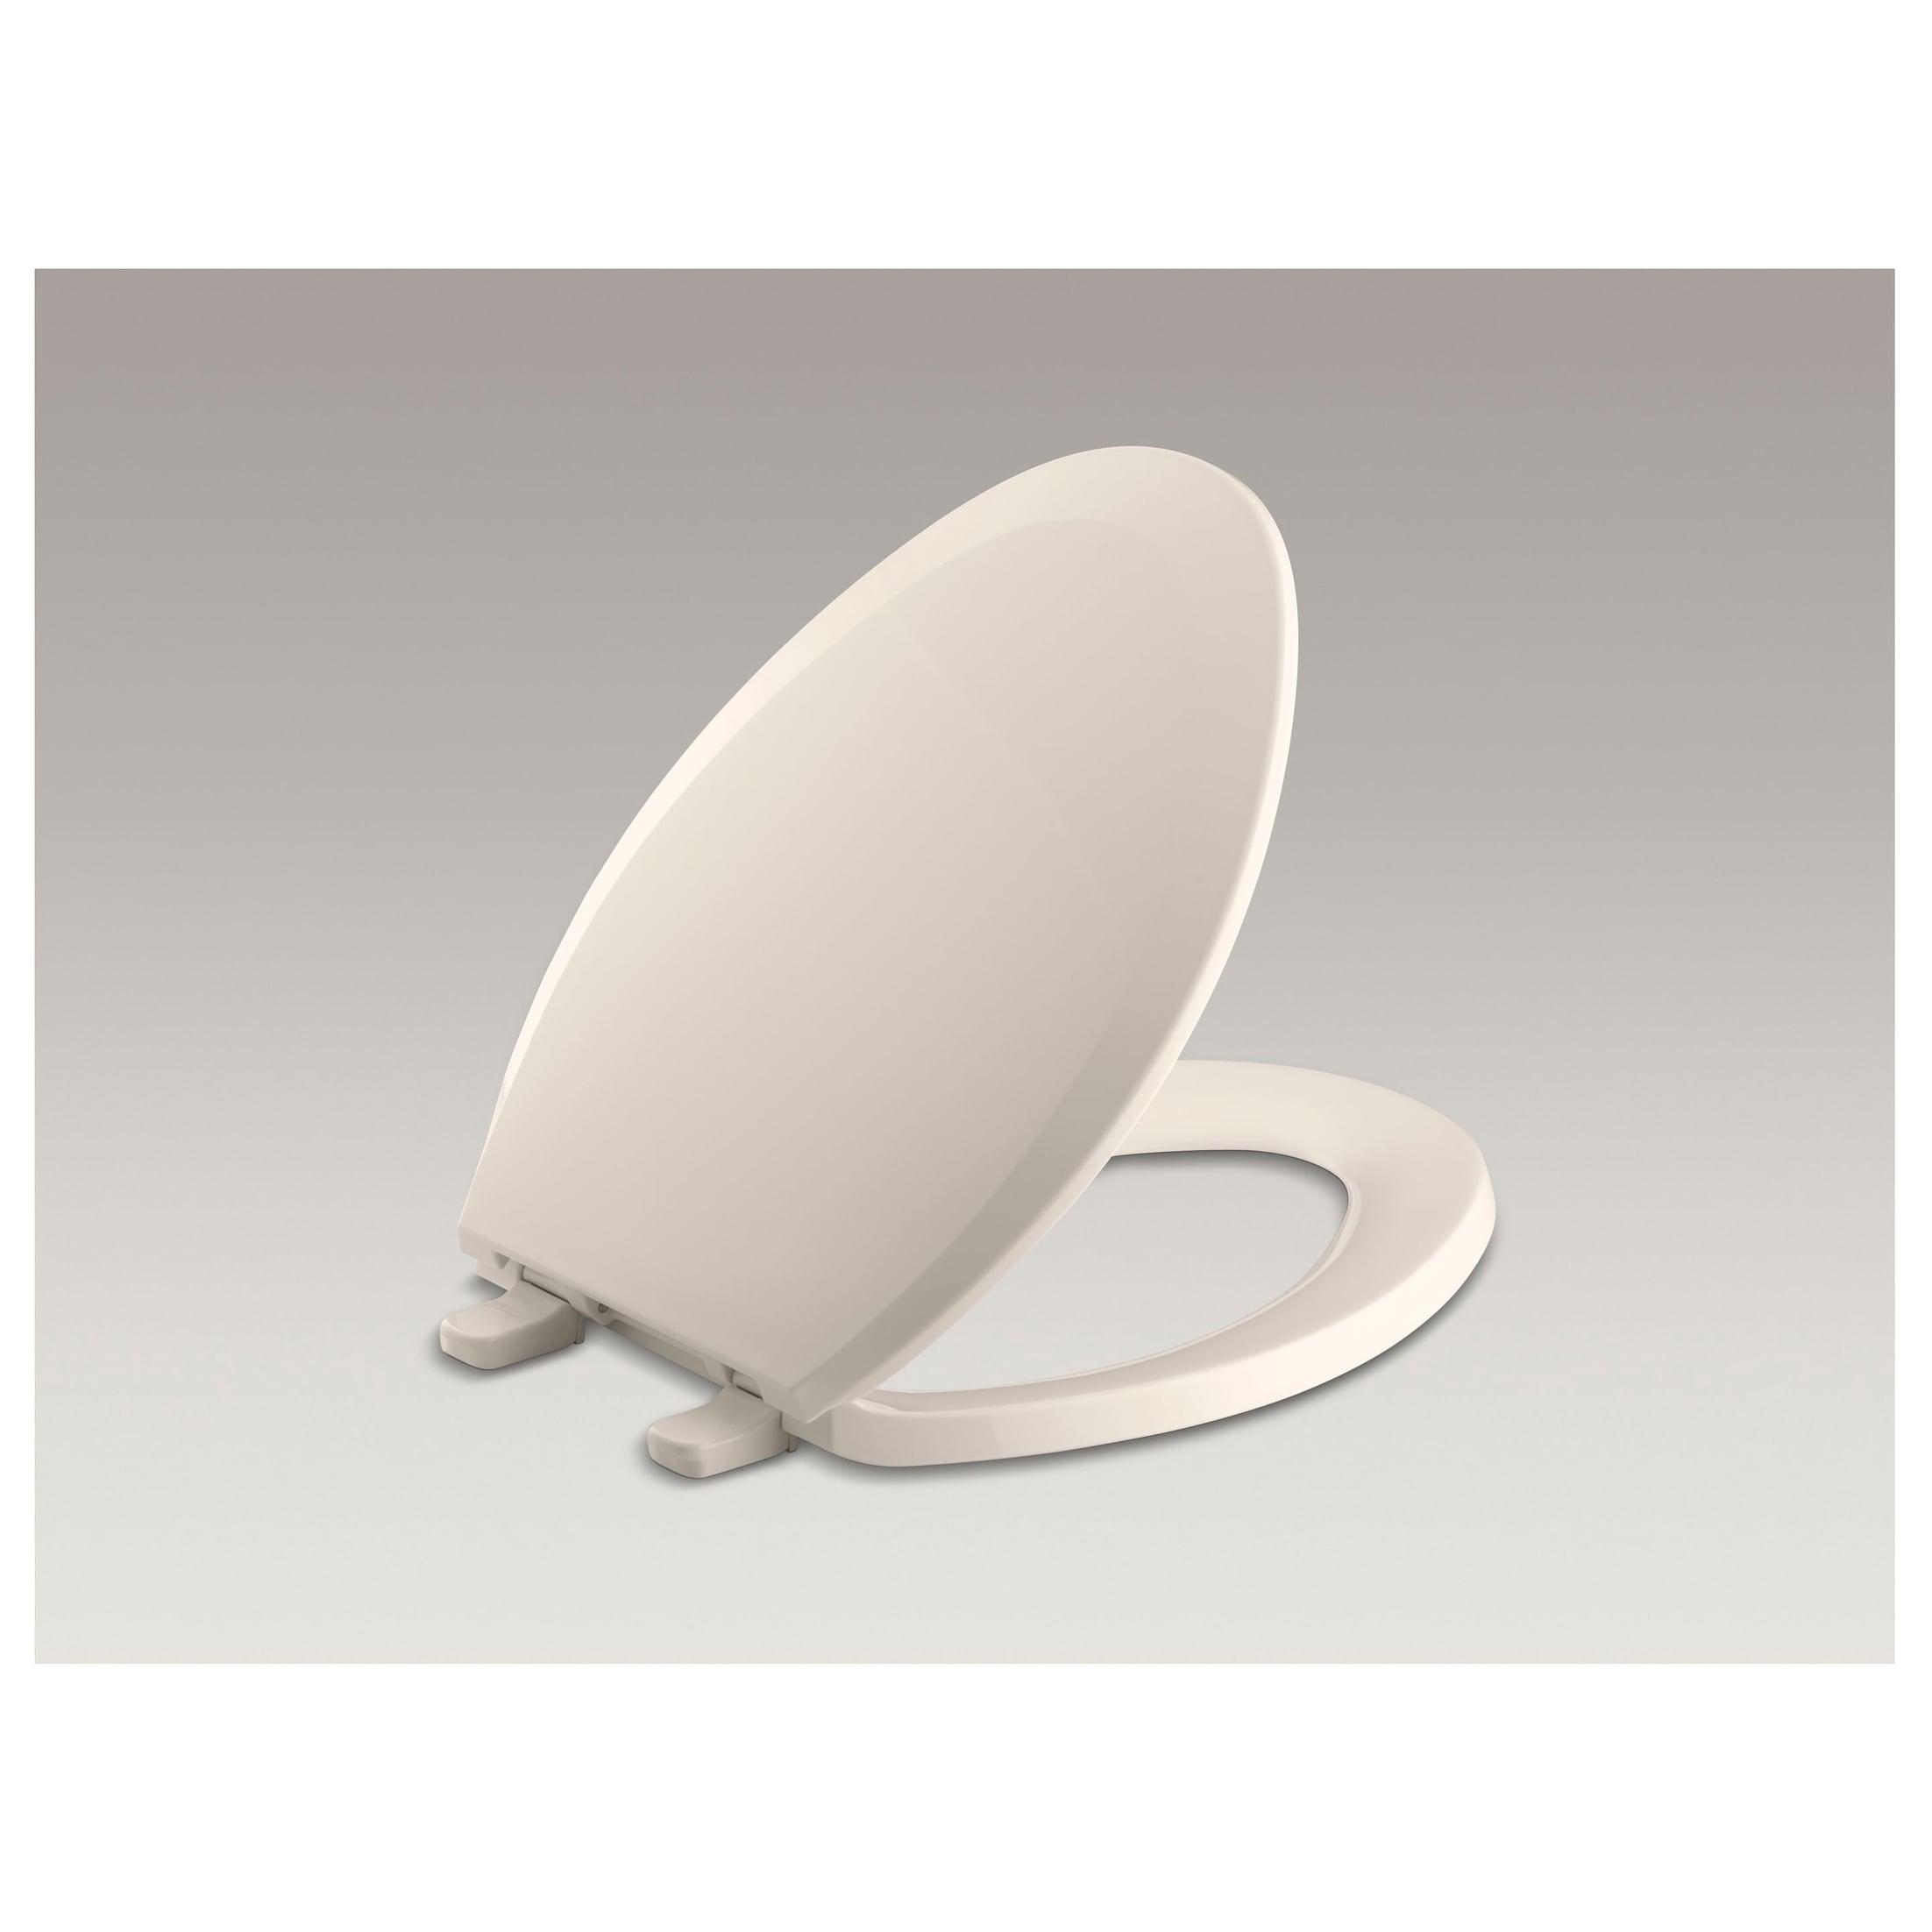 Swell Kohler Lustra Plastic Elongated Toilet Seat K 4652 55 Innocent Blush Pdpeps Interior Chair Design Pdpepsorg